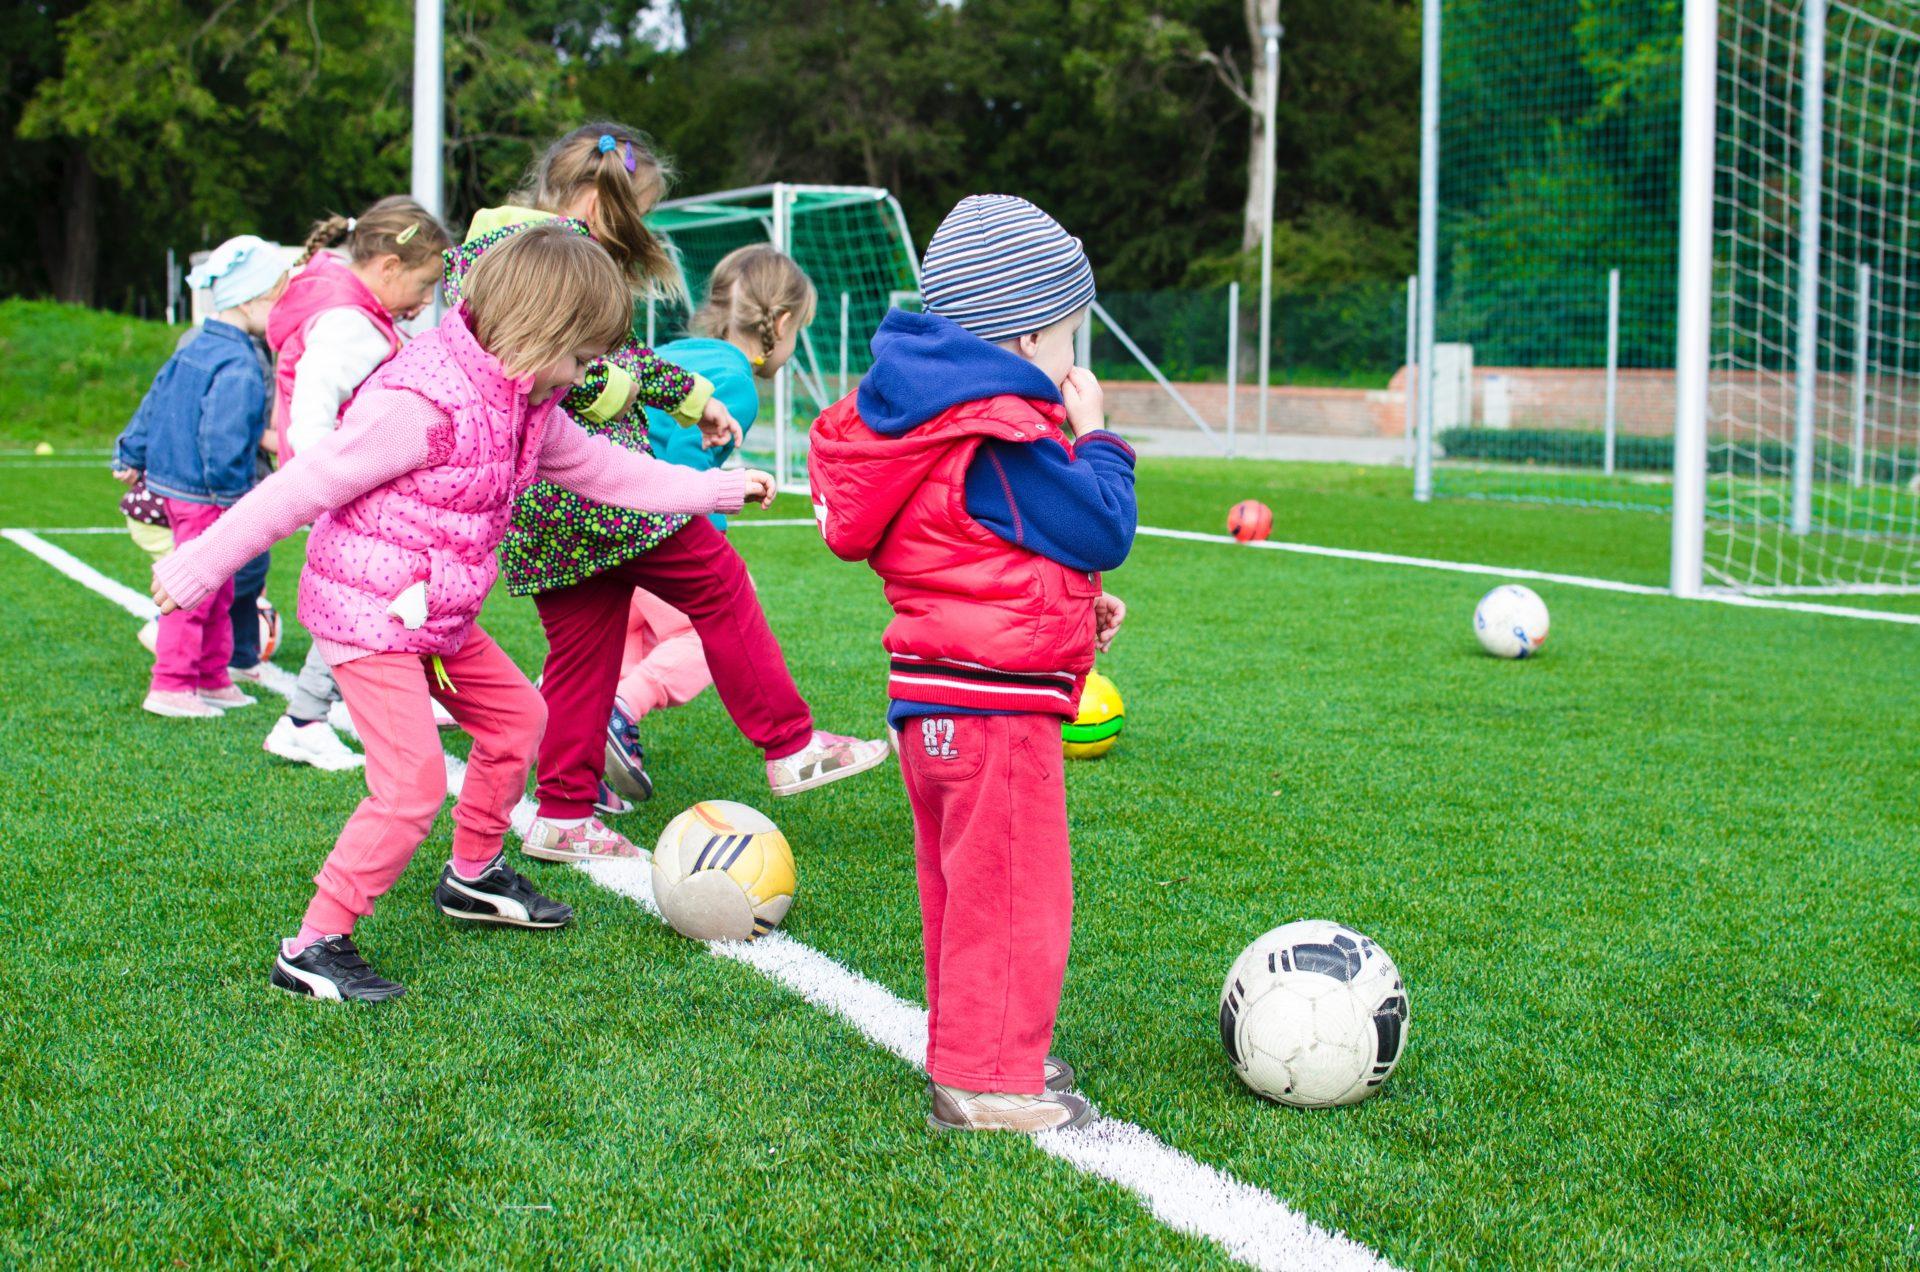 futebol-brincadeira-atividade-esporte-bola